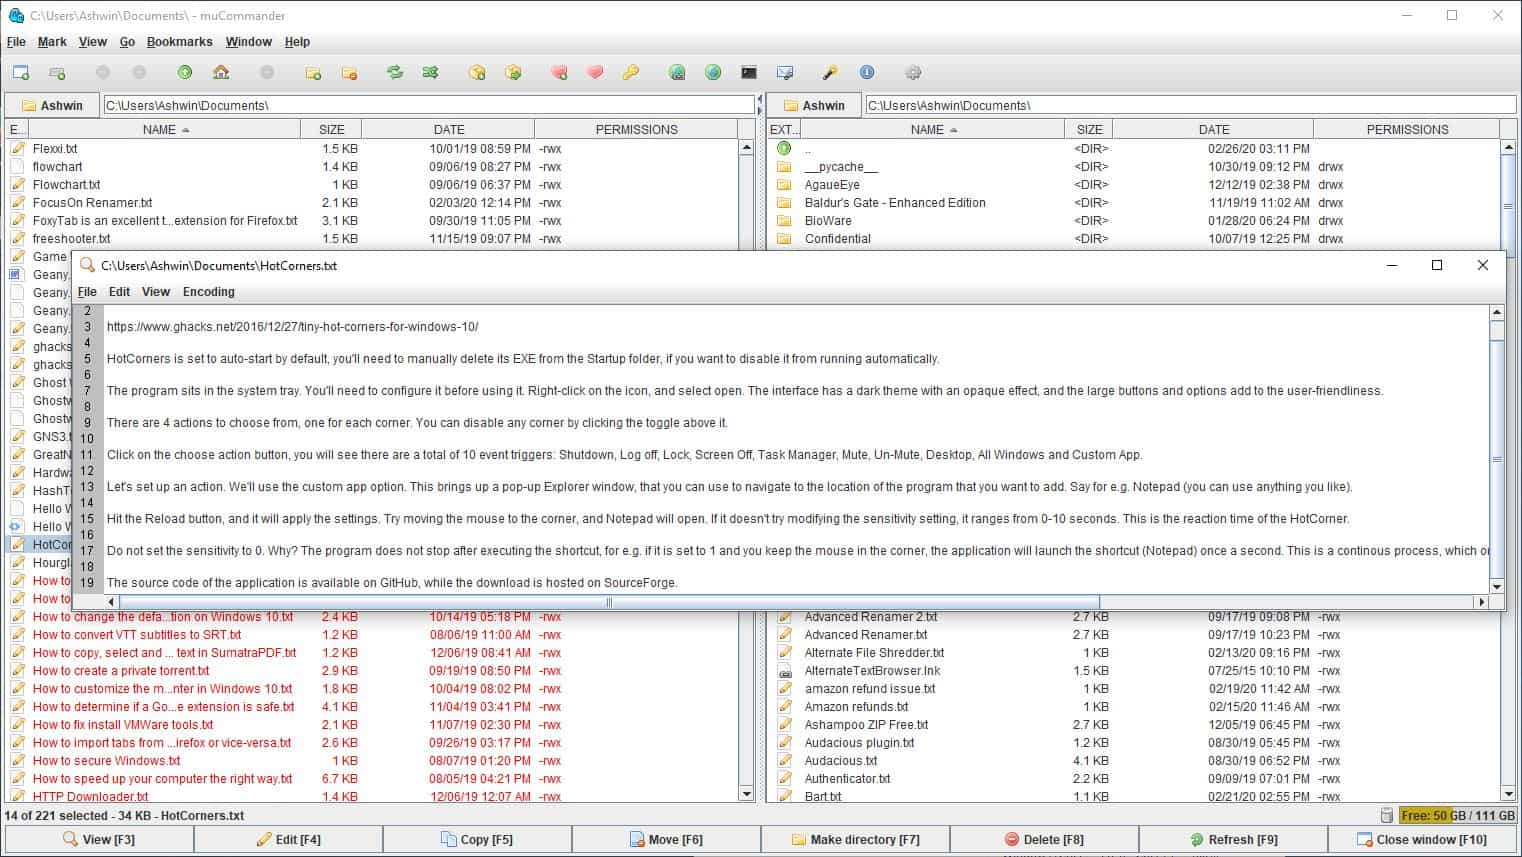 mucommander internal viewer - text